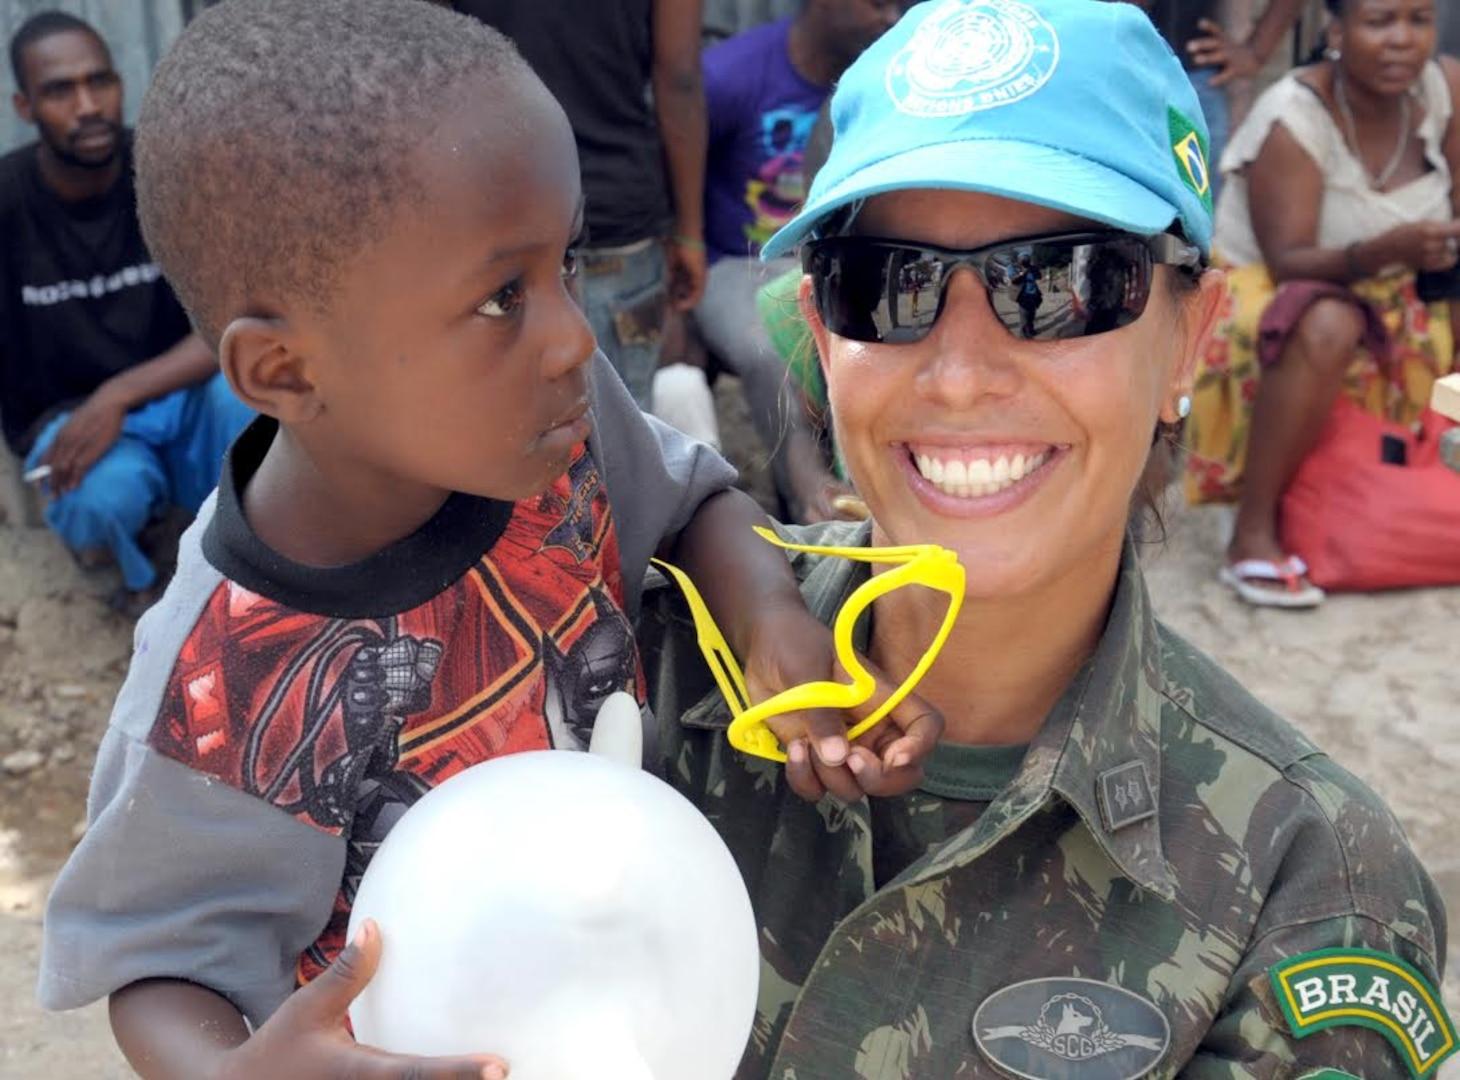 Brazilian female peacekeeper in Haiti